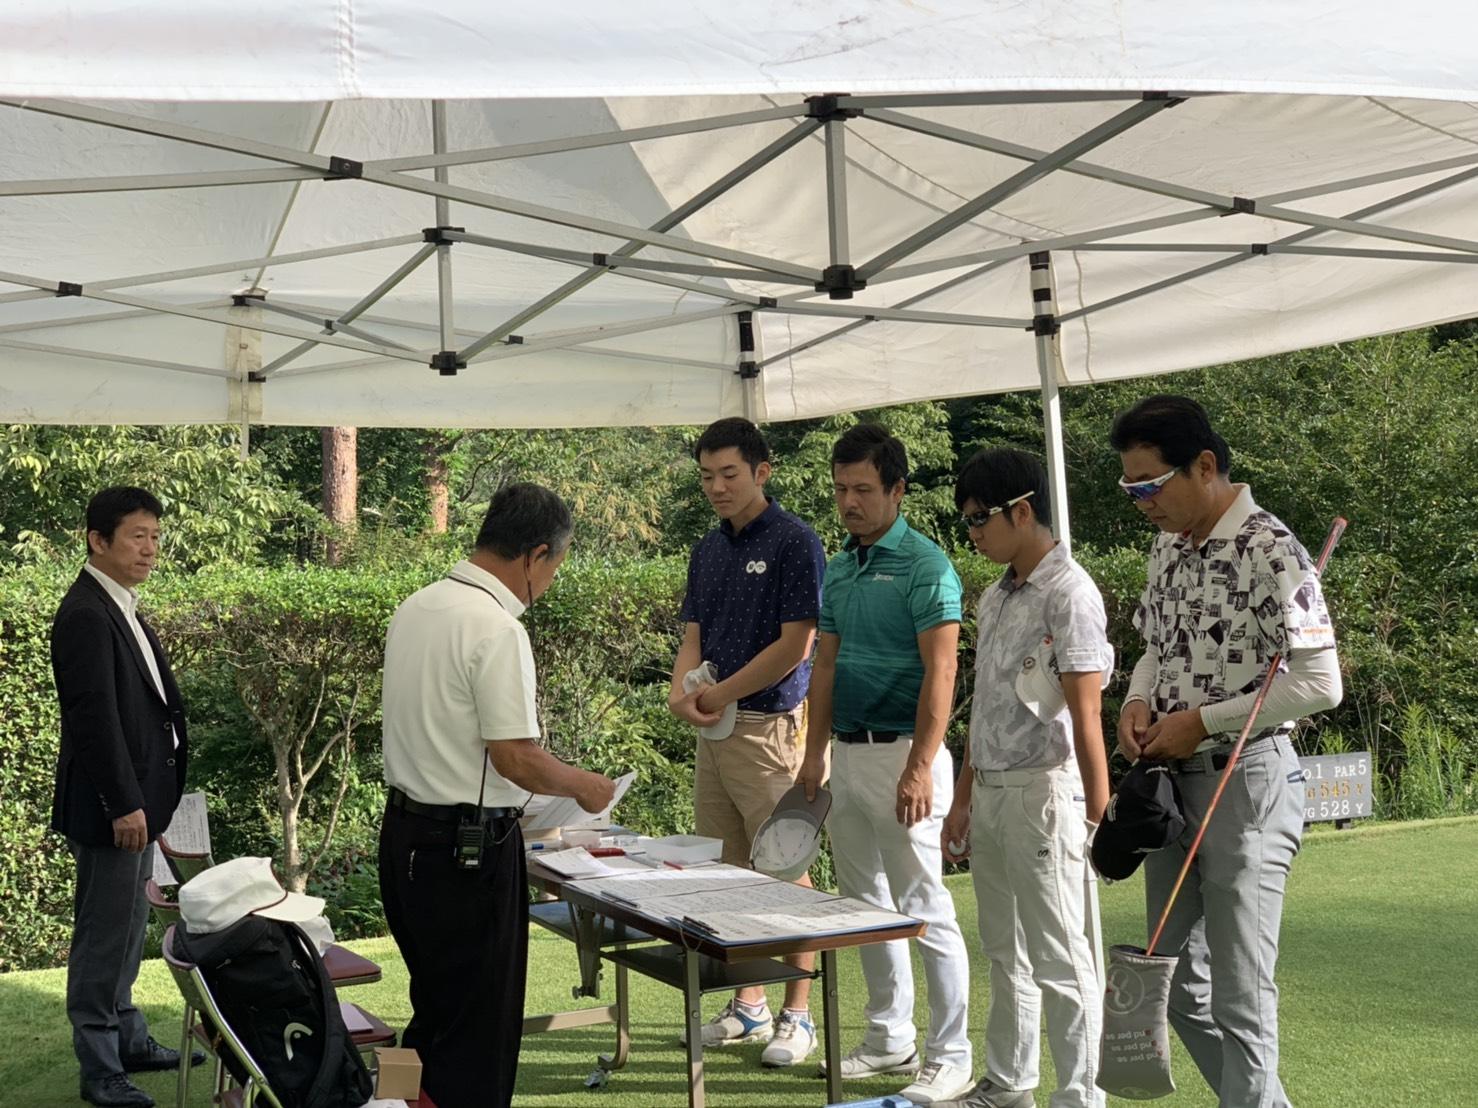 中部インタークラブゴルフ競技の結果